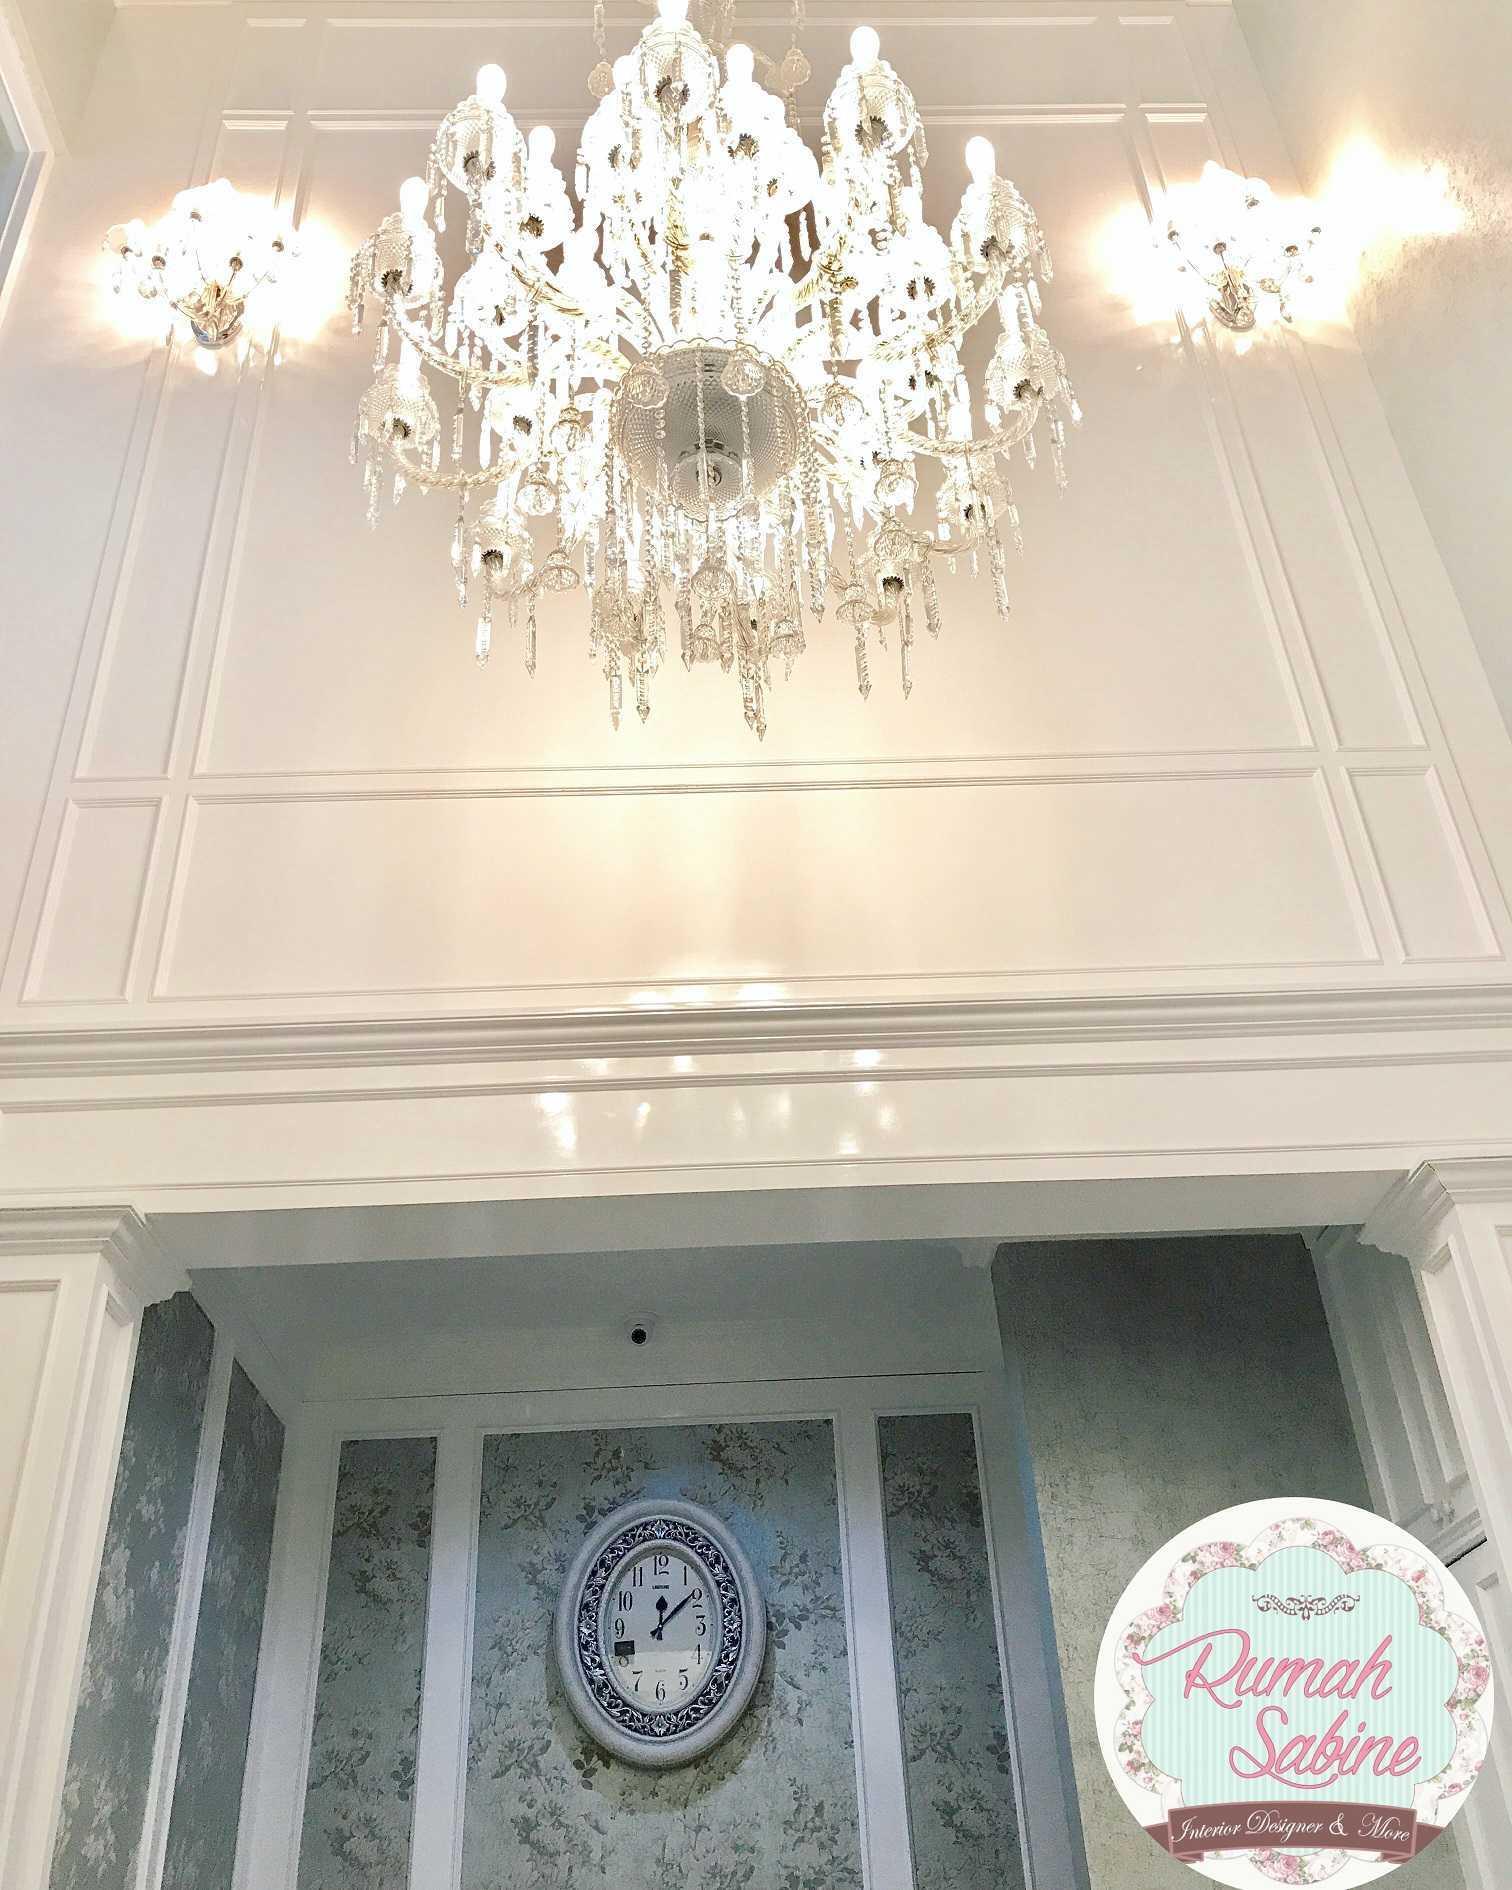 Rumah Sabine Classic House Mrs. M Yogyakarta, Kota Yogyakarta, Daerah Istimewa Yogyakarta, Indonesia Yogyakarta, Kota Yogyakarta, Daerah Istimewa Yogyakarta, Indonesia Rumah-Sabine-Classic-House-Mrs-M  55843